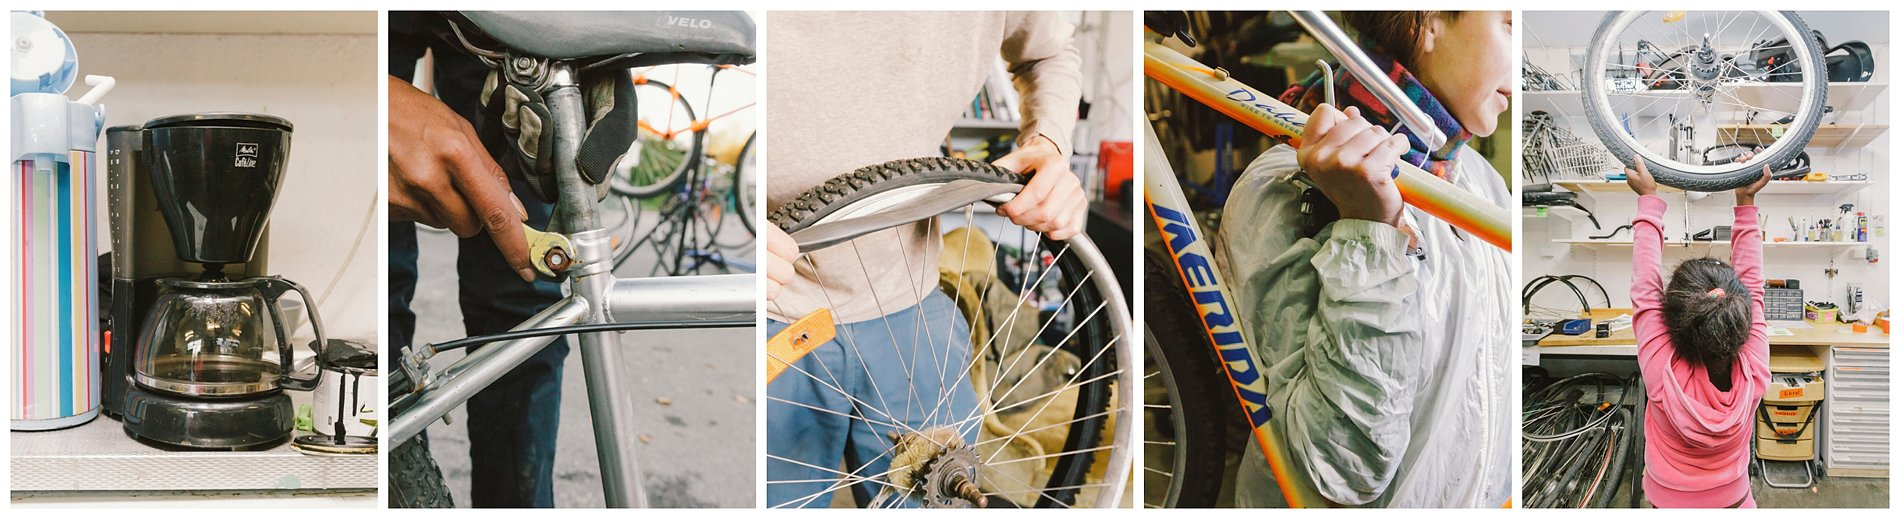 Bagarmossens cykelkök cykelverkstad